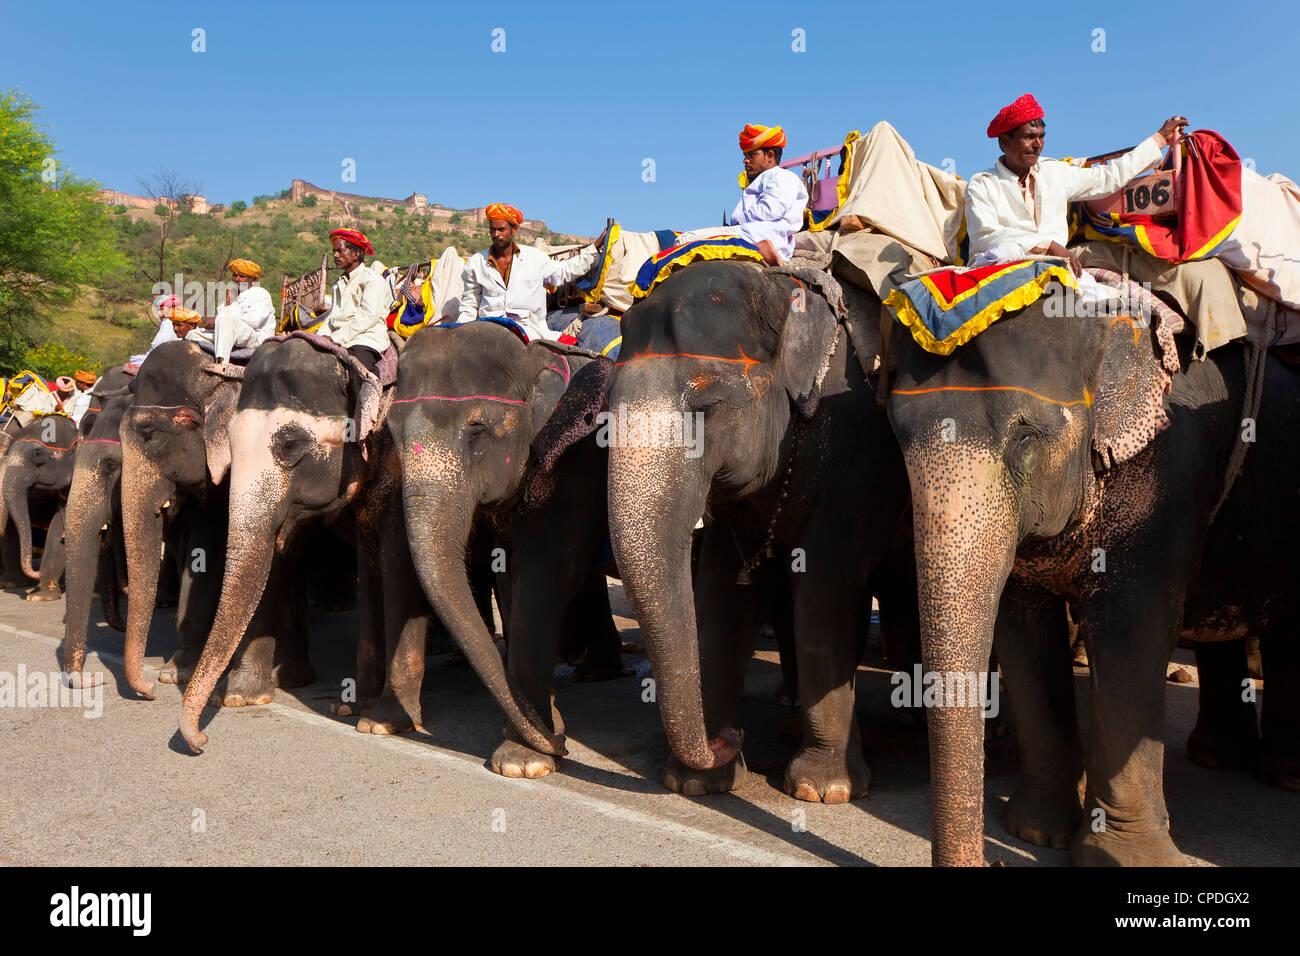 Les touristes en attente d'éléphants à l'Amber Fort près de Jaipur, Rajasthan, Inde, Photo Stock